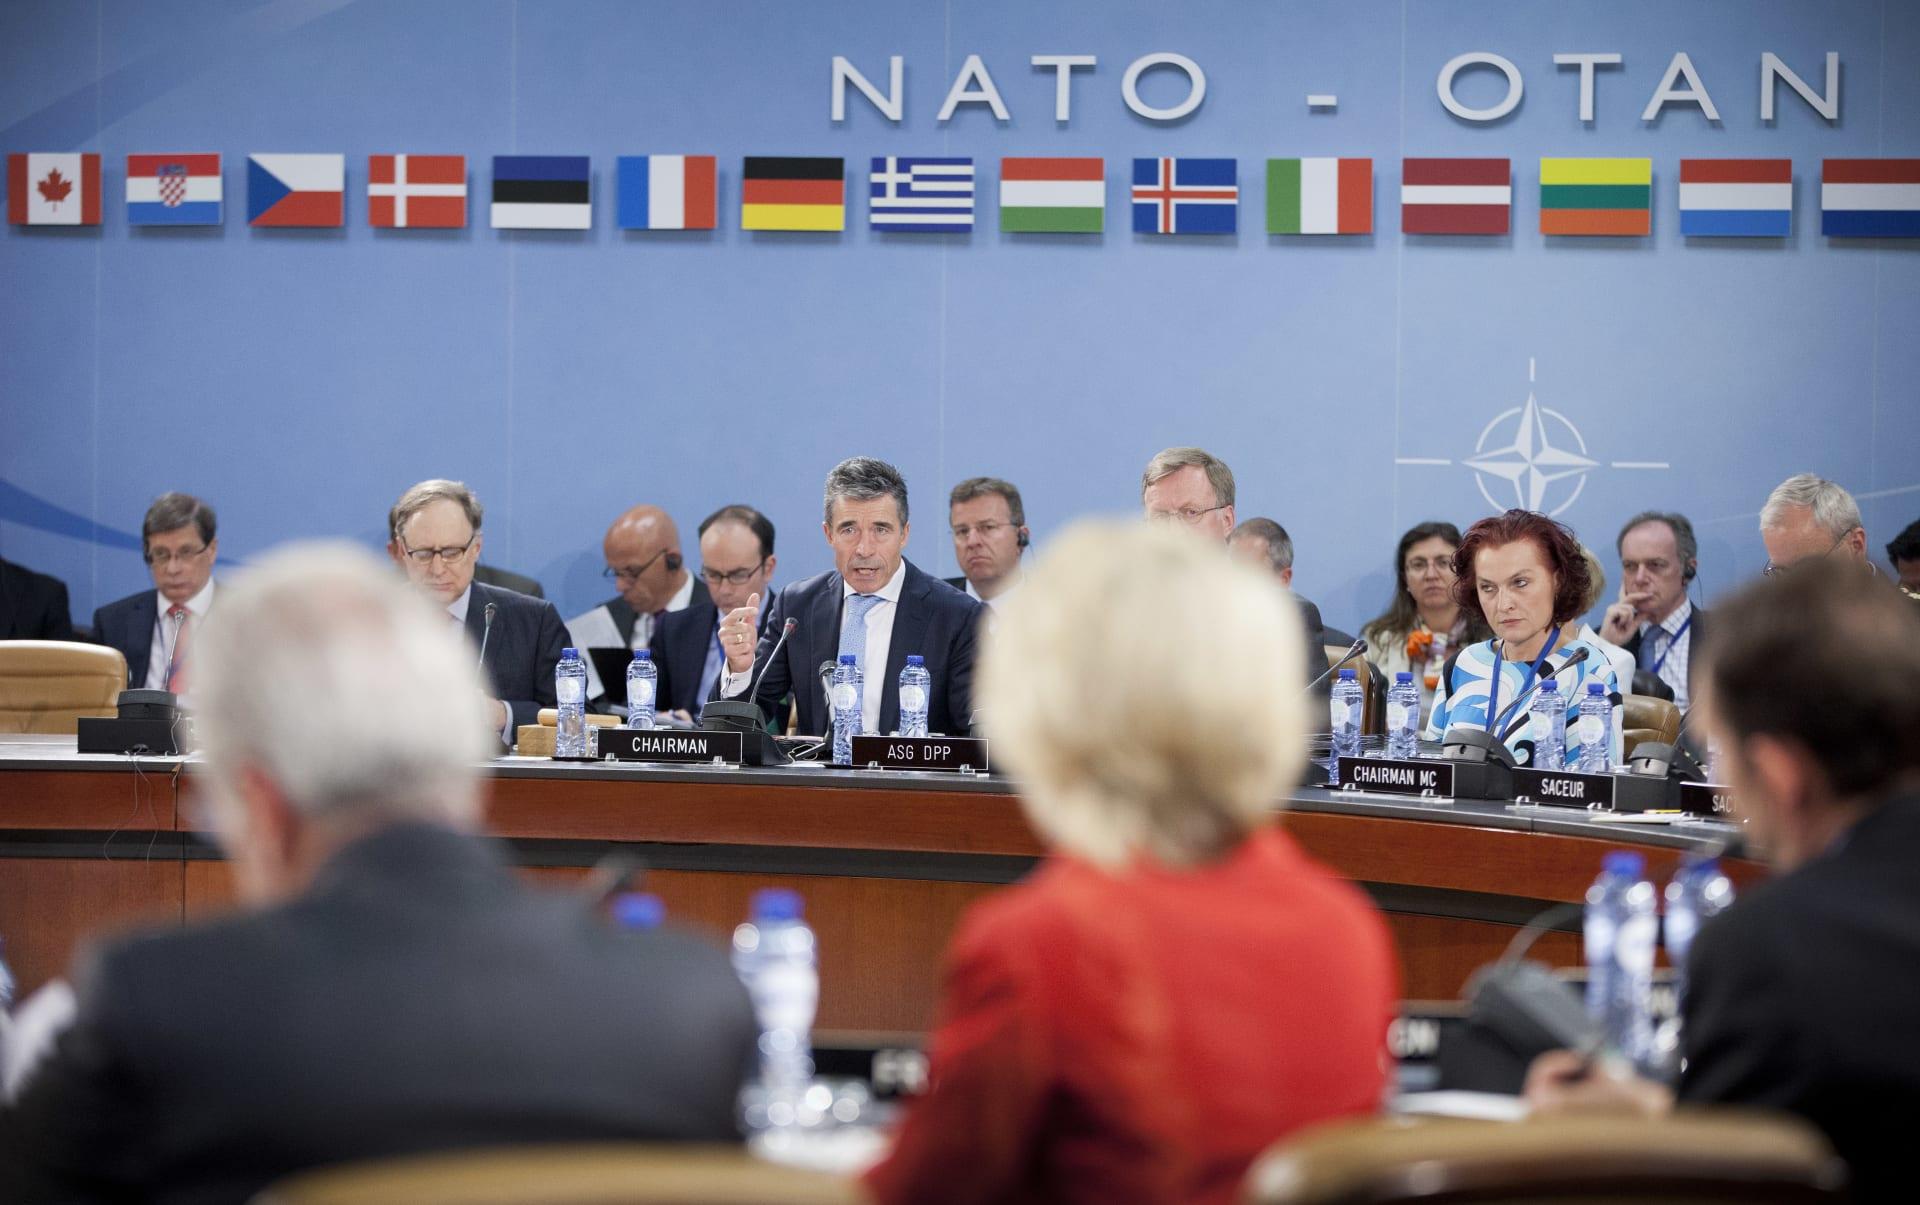 الناتو يدعو دولة الجبل الأسود للانضمام إليه.. وروسيا تؤكد عزمها اتخاذ إجراءات ردا على توسع الحلف